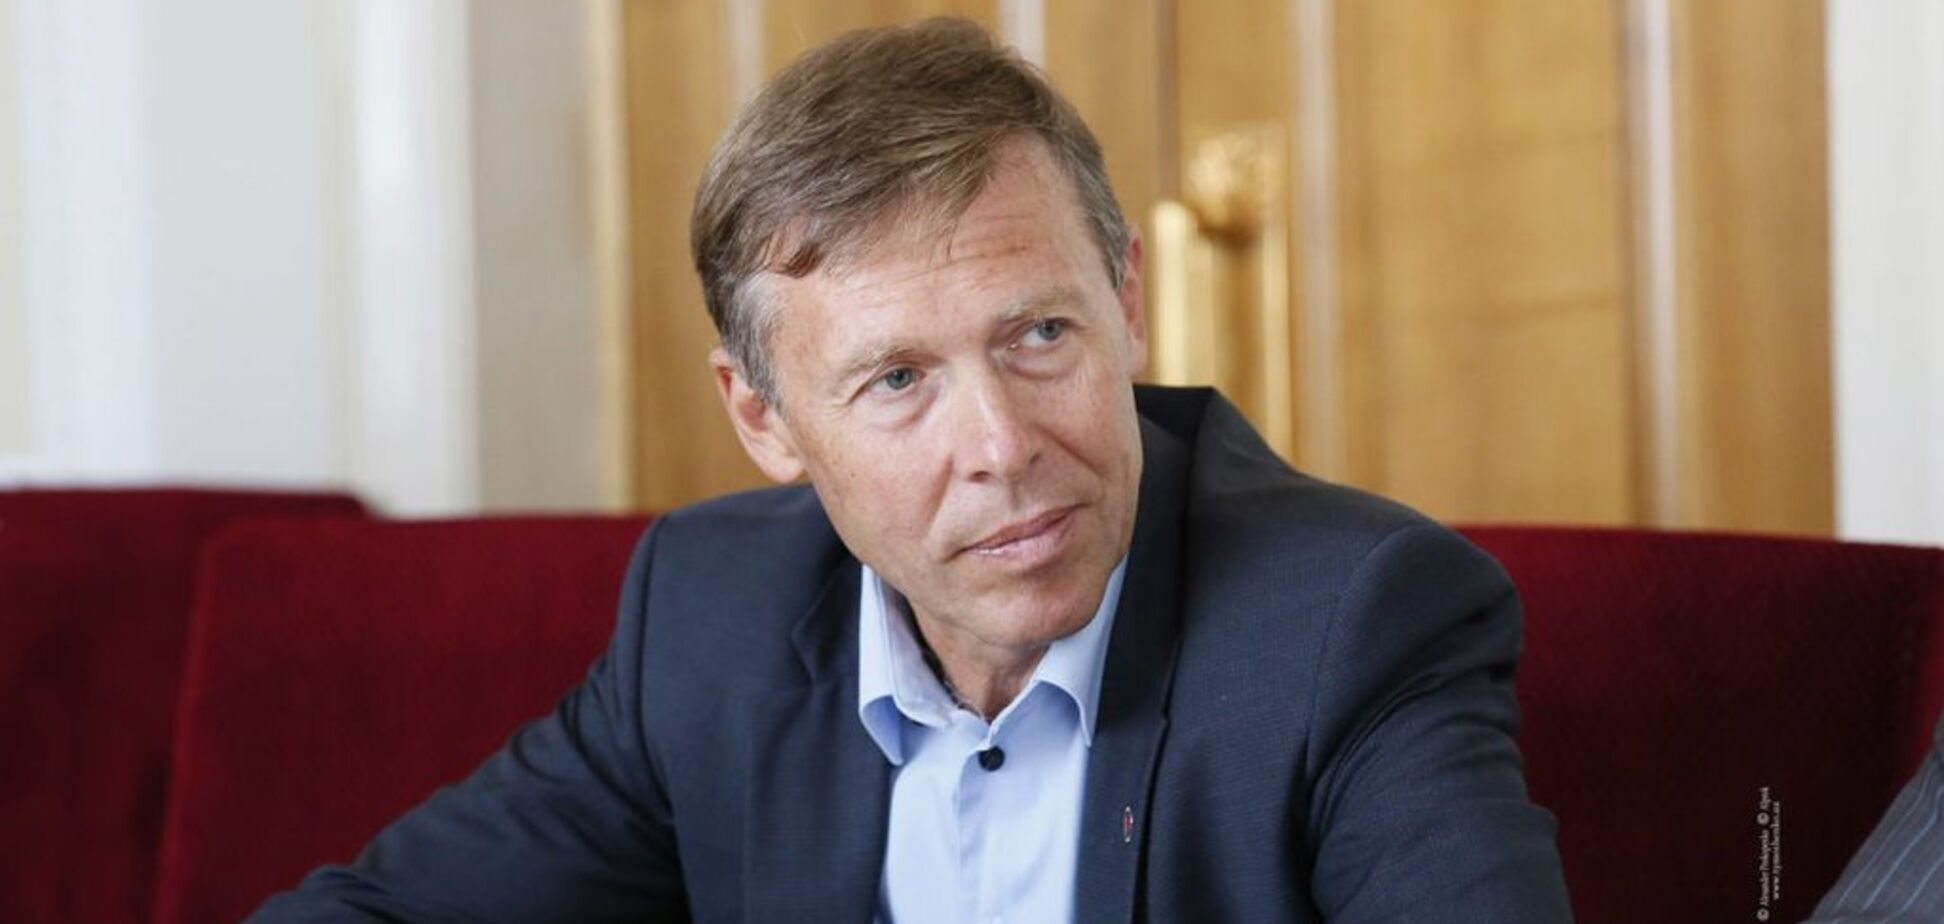 Руководство ГПУ и СБУ будет отвечать перед законом – Соболев